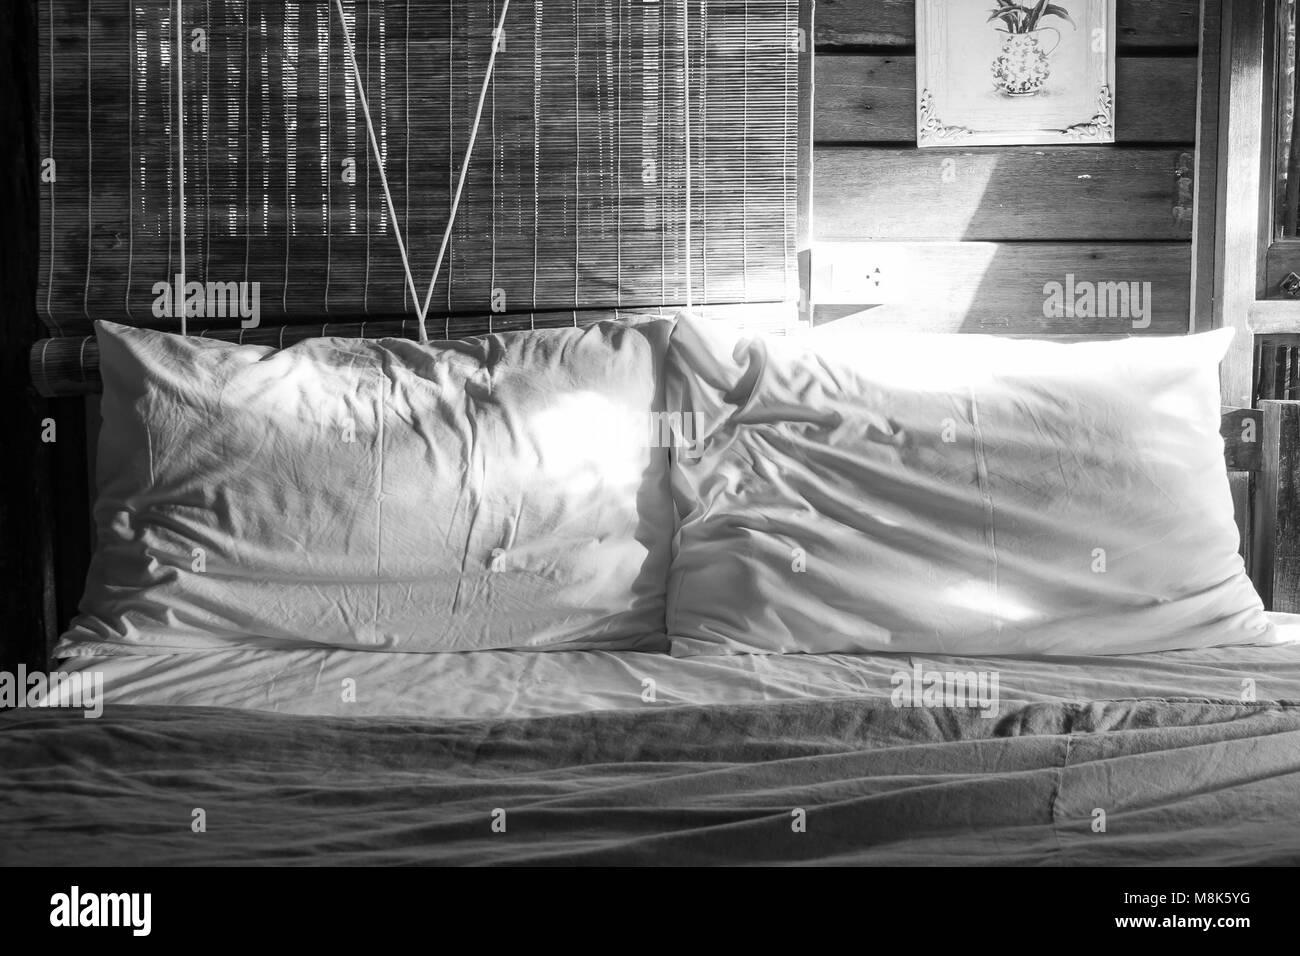 Abstrakte schwarz-weiß Bild zwei weißen Kissen auf dem Bett ...